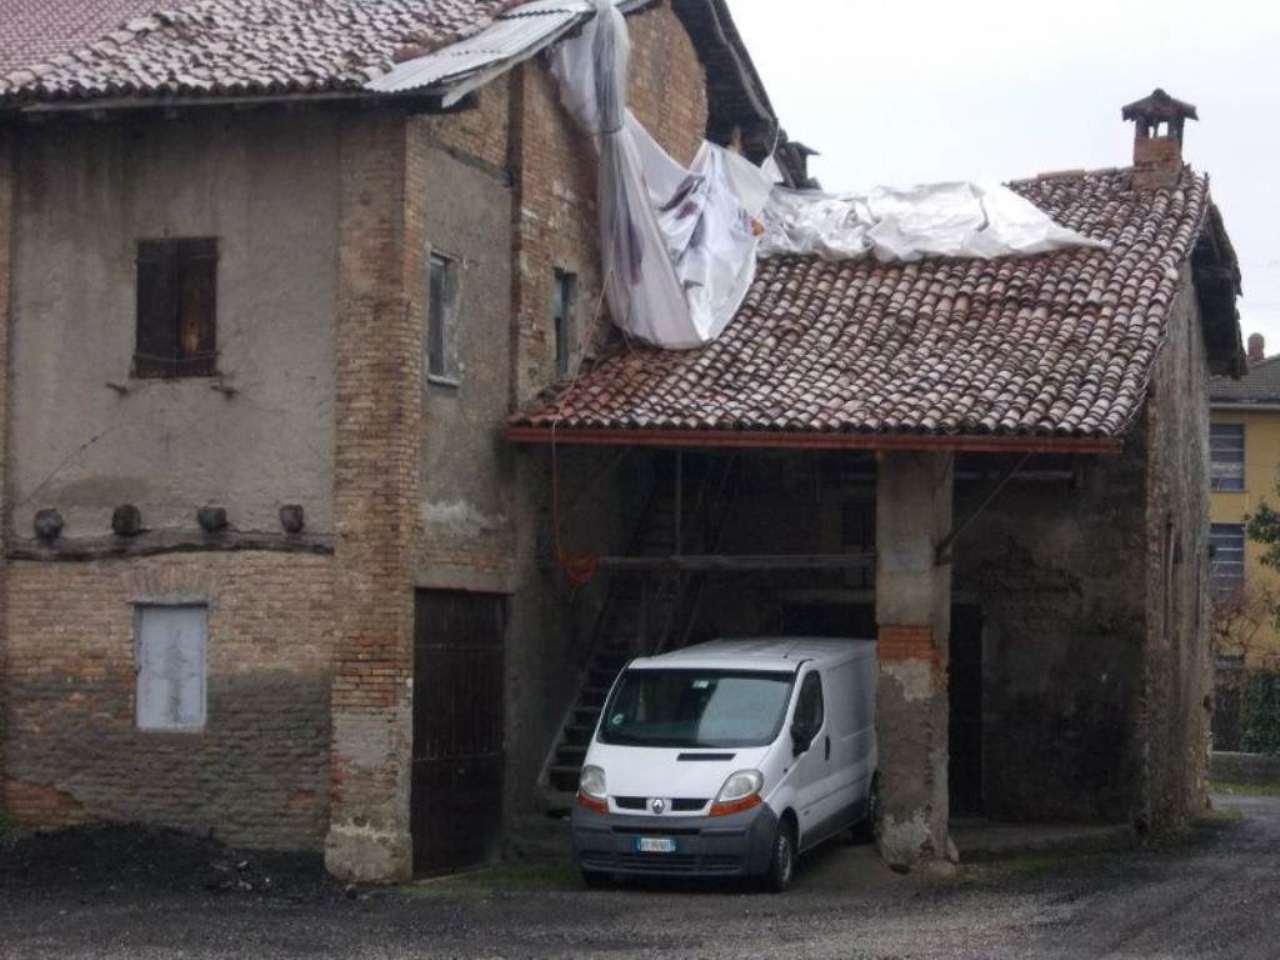 Rustico / Casale in vendita a Faloppio, 4 locali, prezzo € 80.000 | Cambio Casa.it